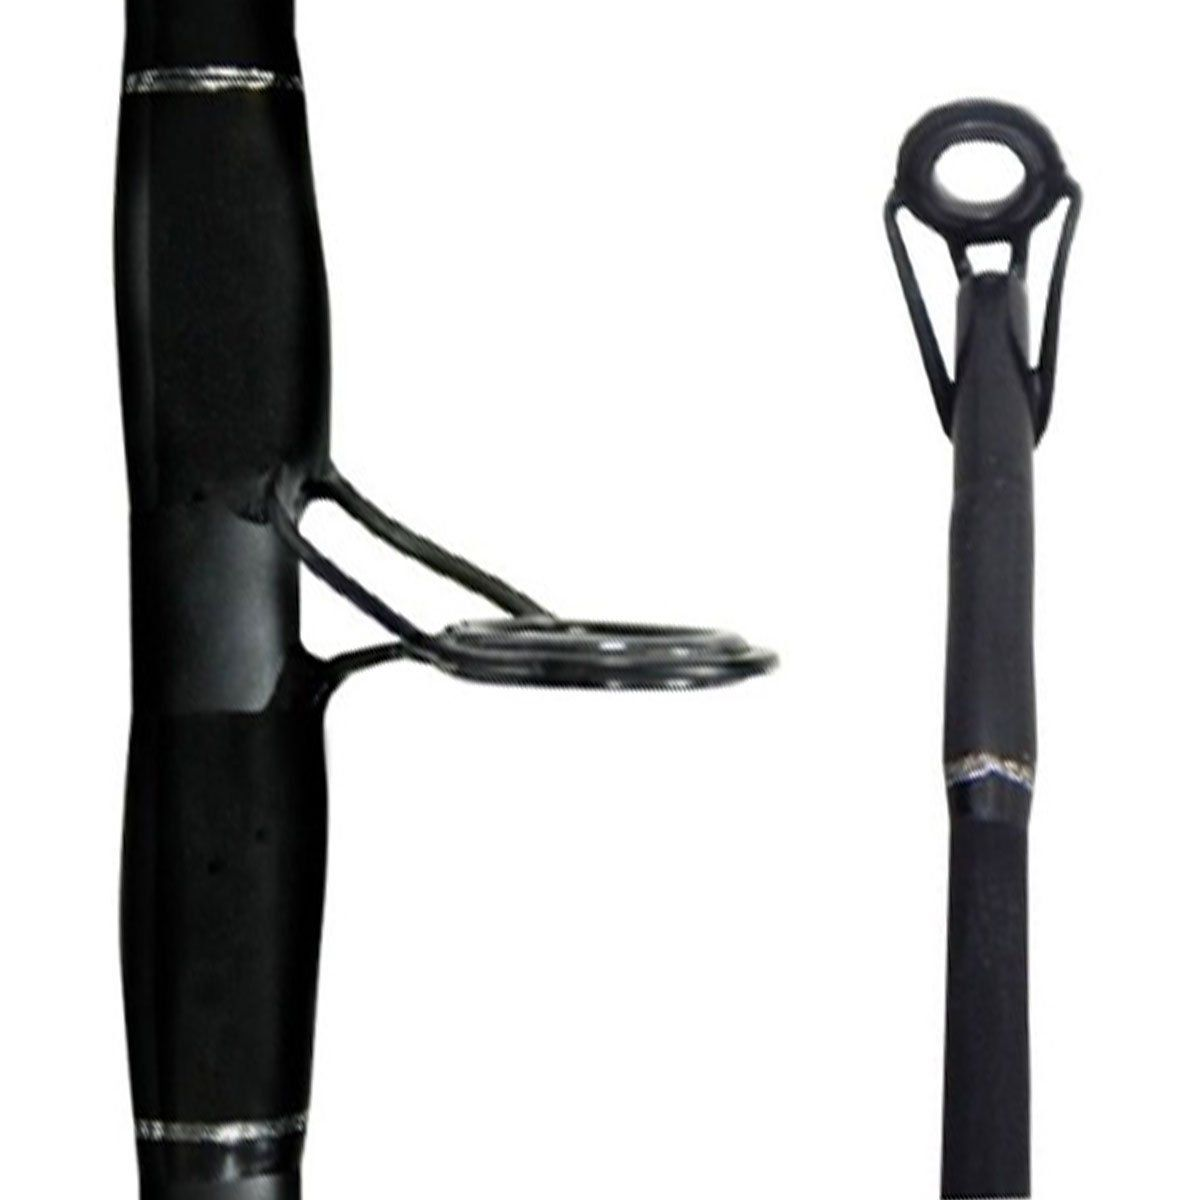 Vara Saint Plus Hammer IM8 Carretilha 1,72m Média 7-17LB